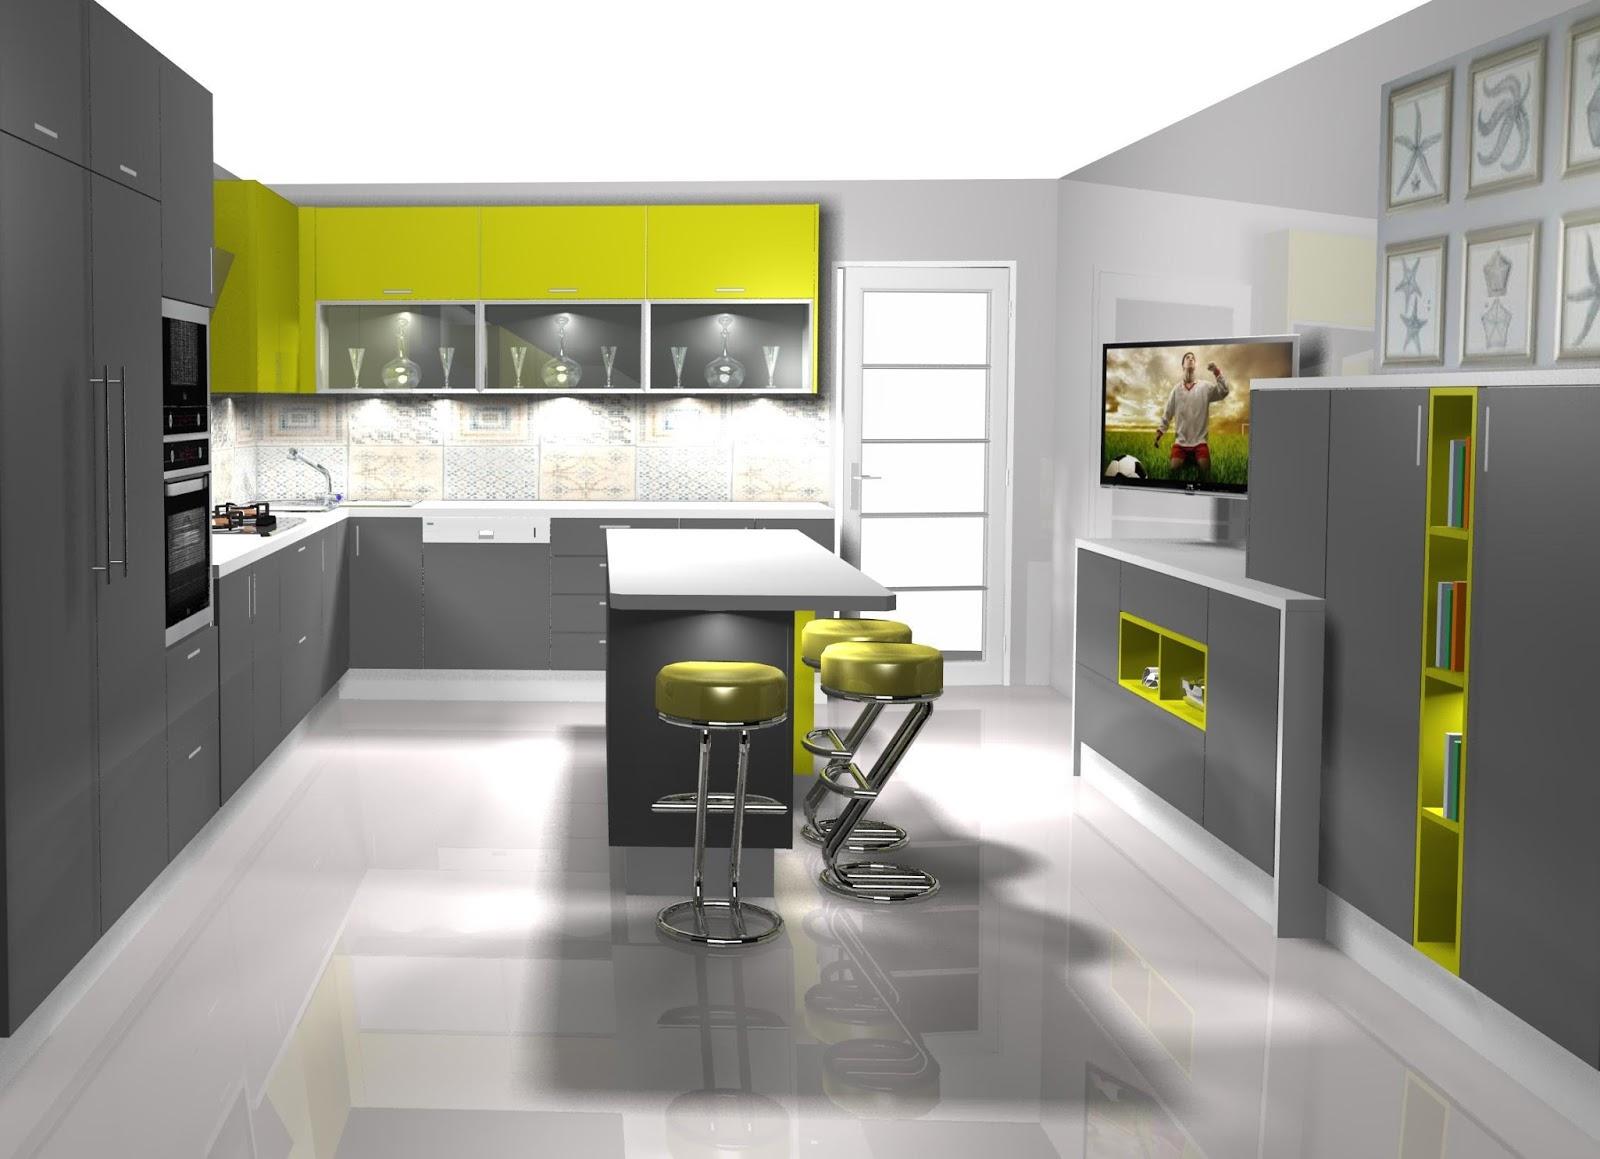 Dise o muebles de cocina dise o de cocina laminado en for Muebles de cocina gris